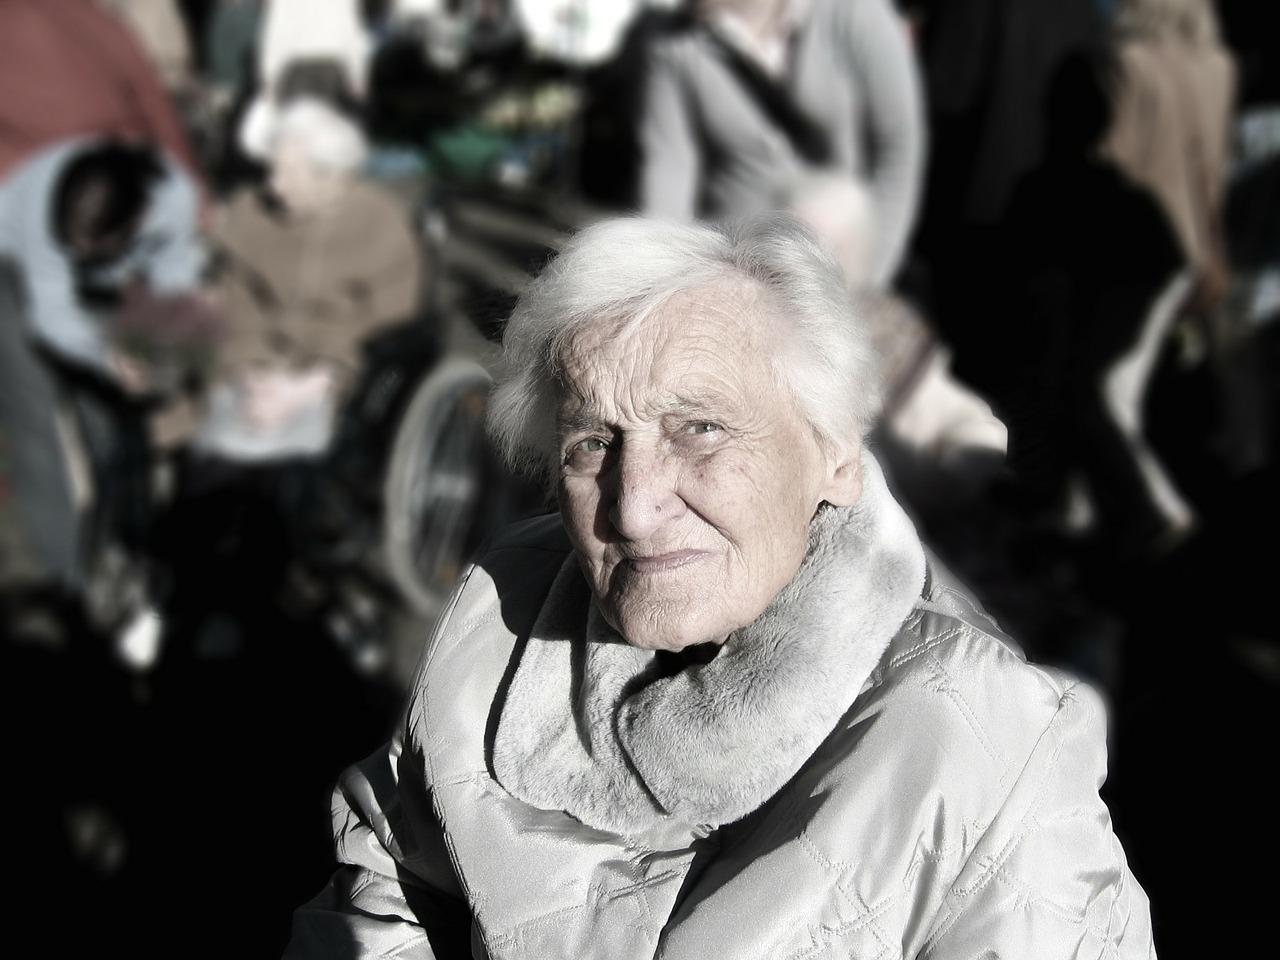 Itupeva é citado como cidade exemplo em espaço para idosos